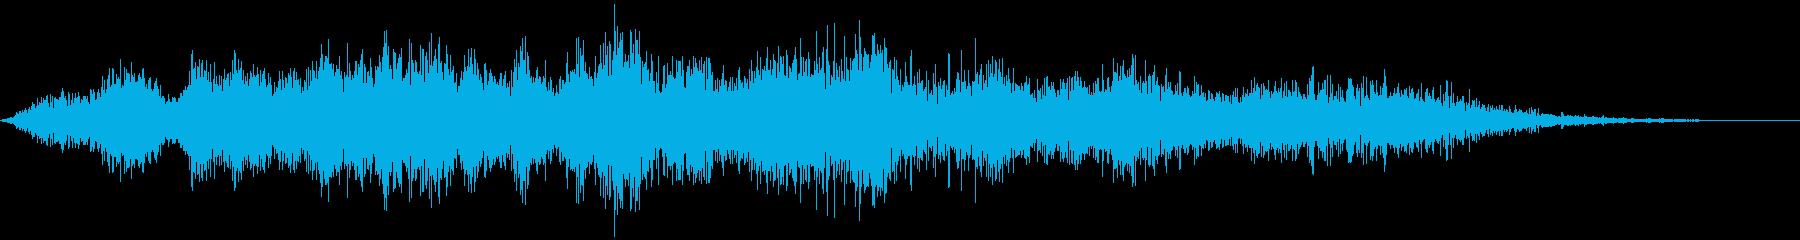 F-16ファイティングファルコンの再生済みの波形